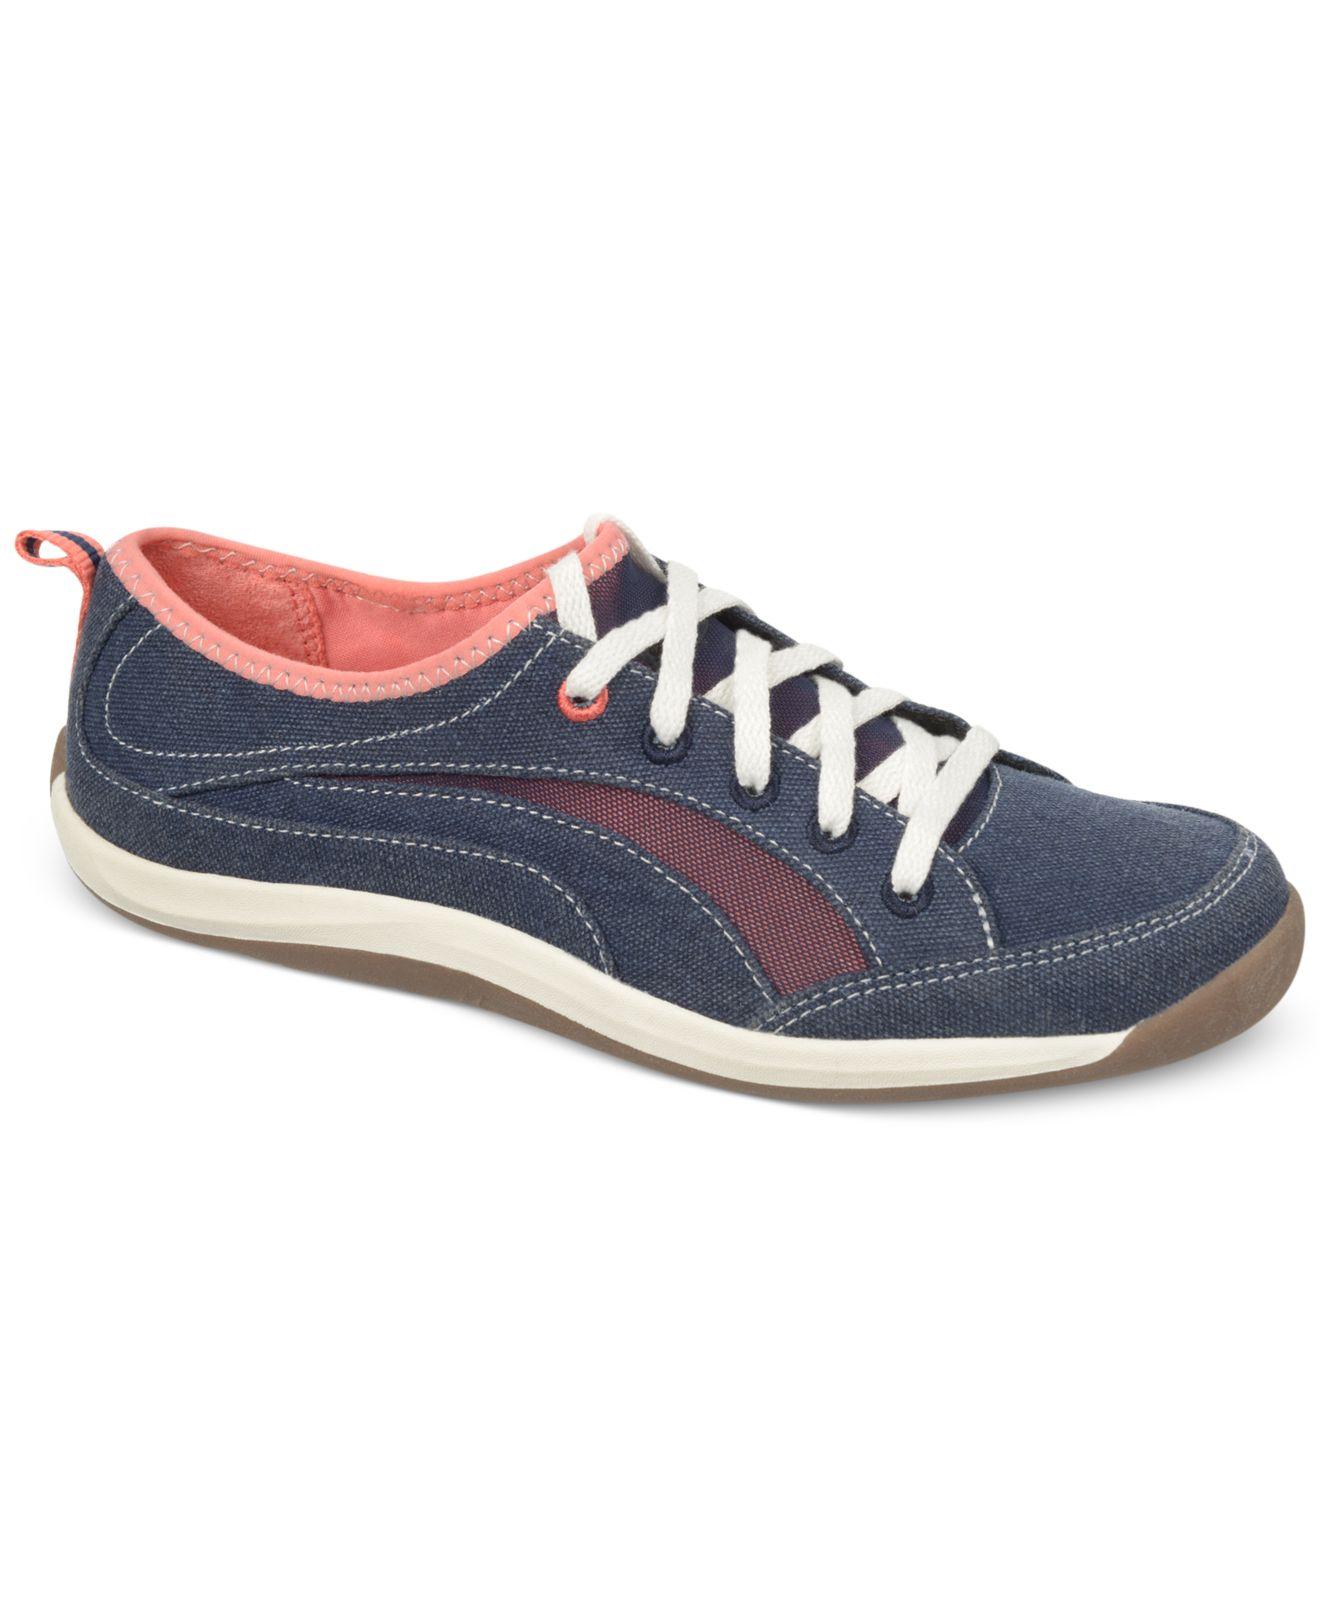 Dr Scholl S Shoes